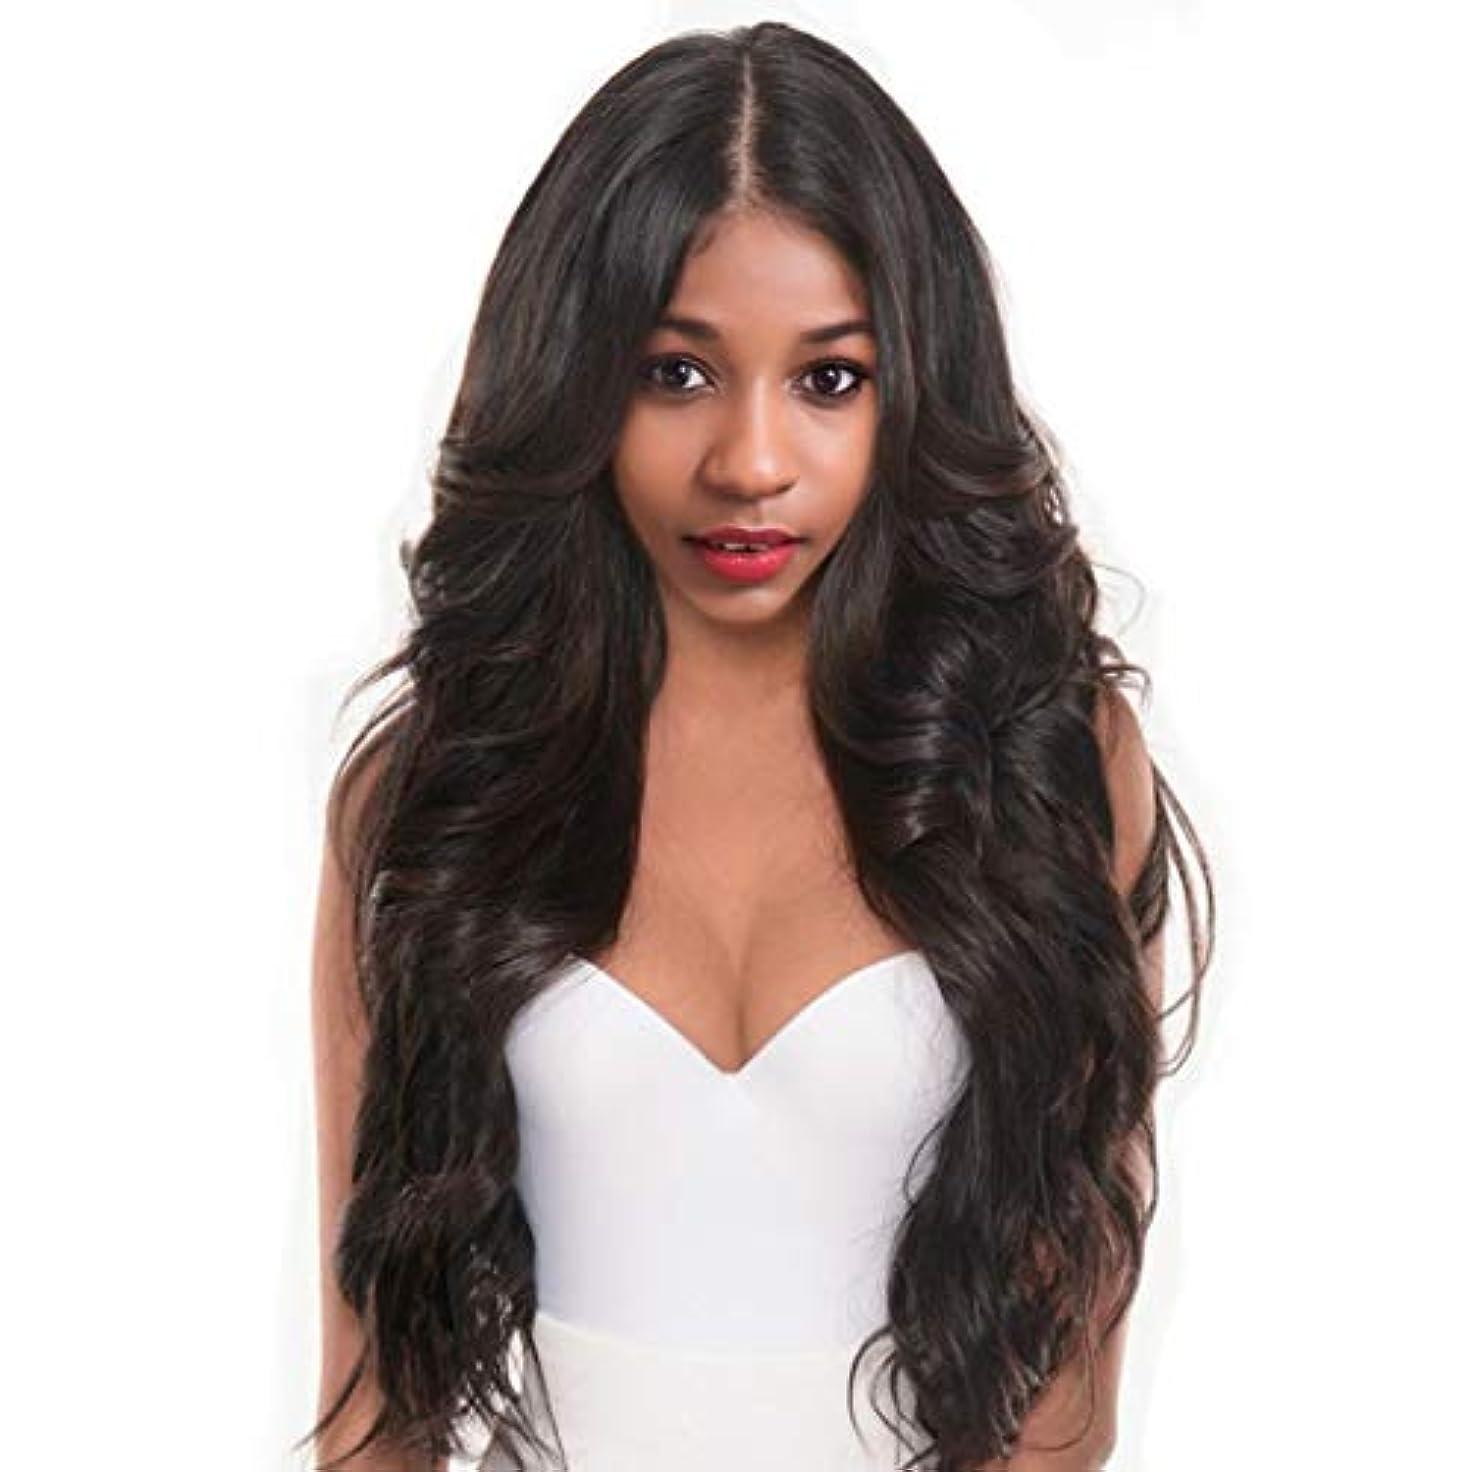 暖炉湿気の多いクレアKerwinner ヘアウィッグボディ波状巻き毛100%カネカロン毛繊維合成毛髪かつら女性